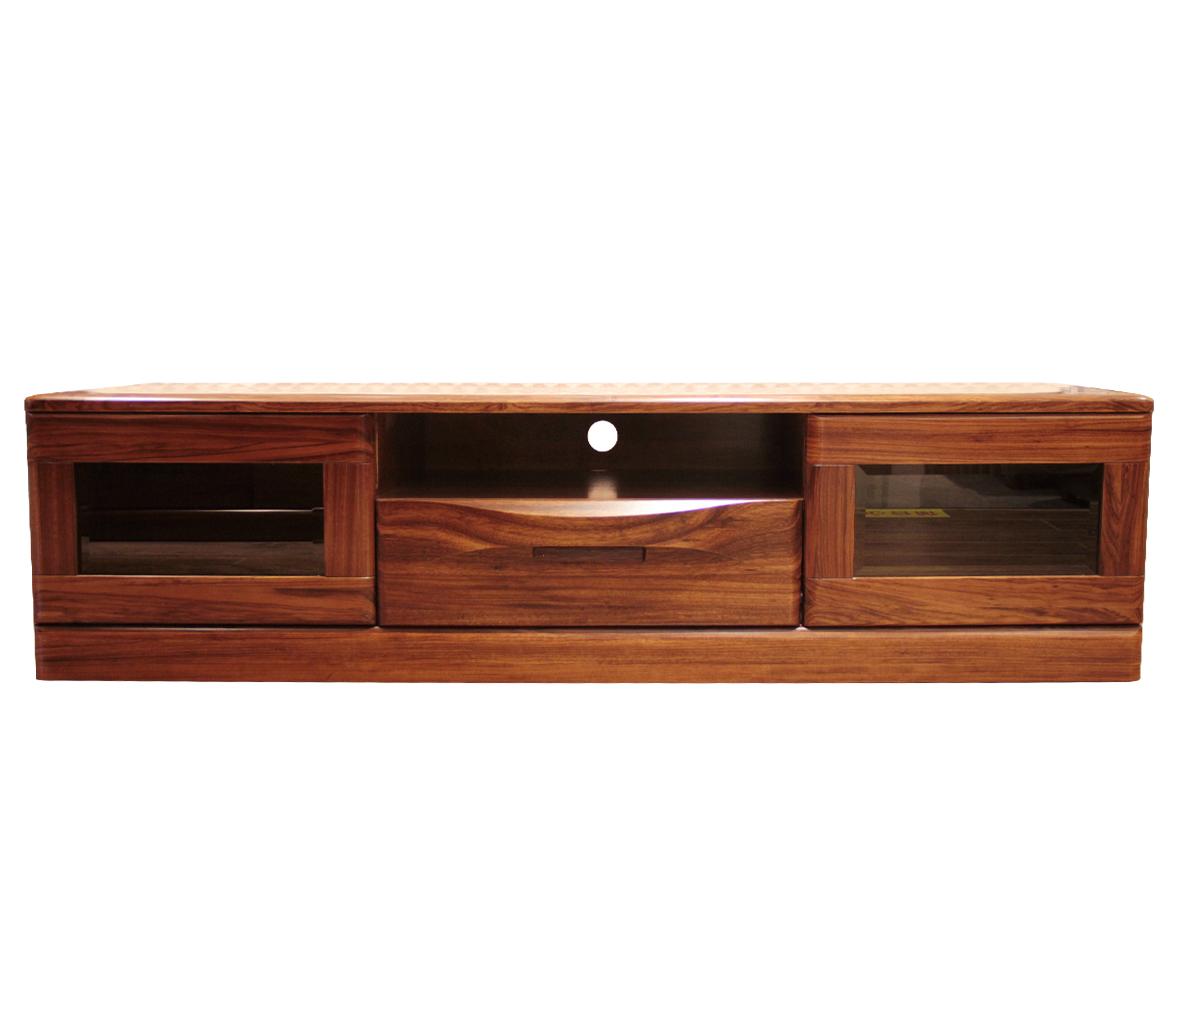 大鱼长桌 a-001 柚木色 实木 手工雕刻  眼缘:0  天坛家具 乌金王子系